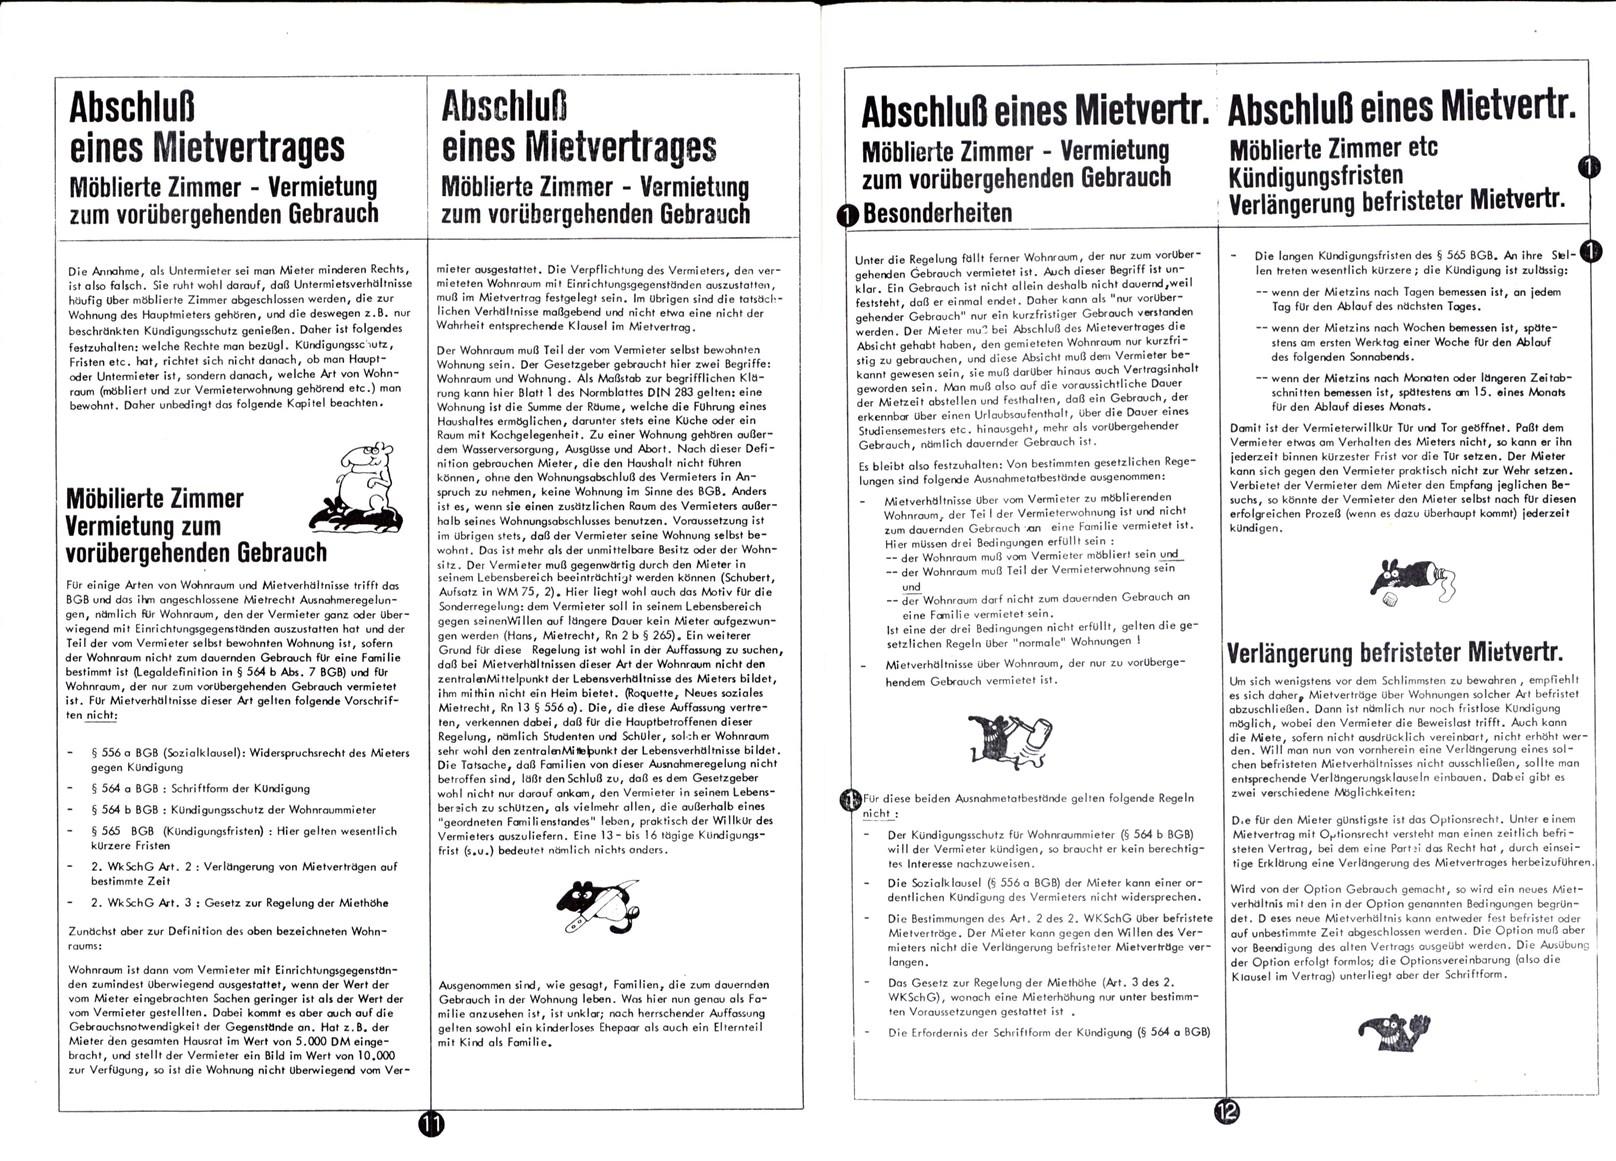 Muenster_AStA_Info_19770000_Mietinfo1_07